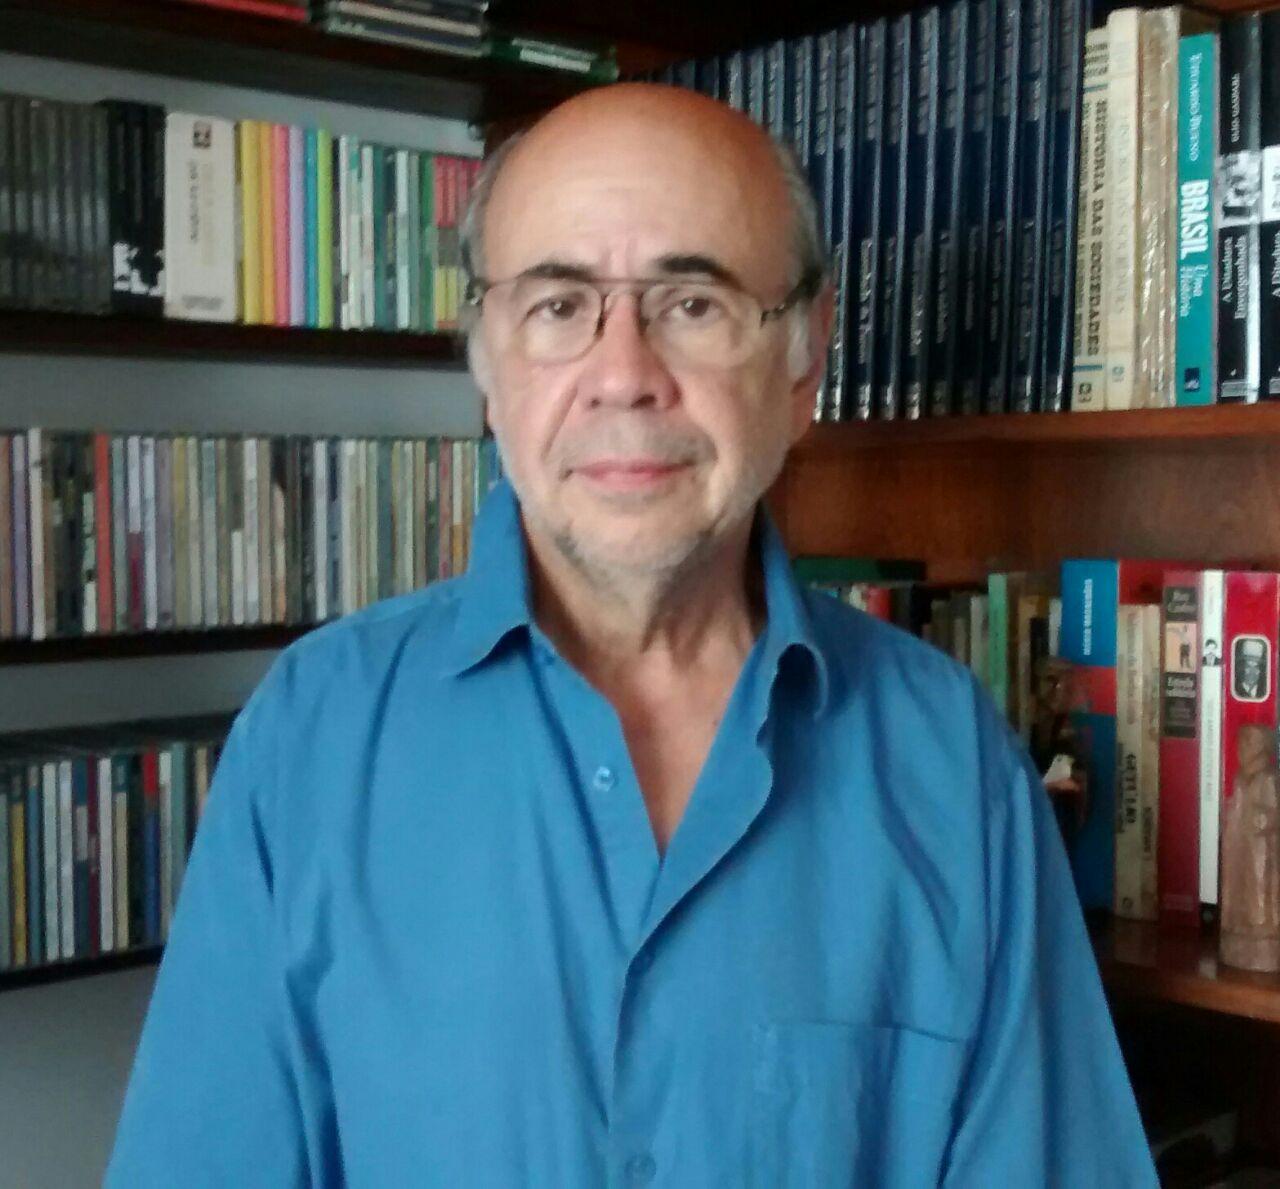 Entrevista com Marcos de Carvalho – 03.05.2017